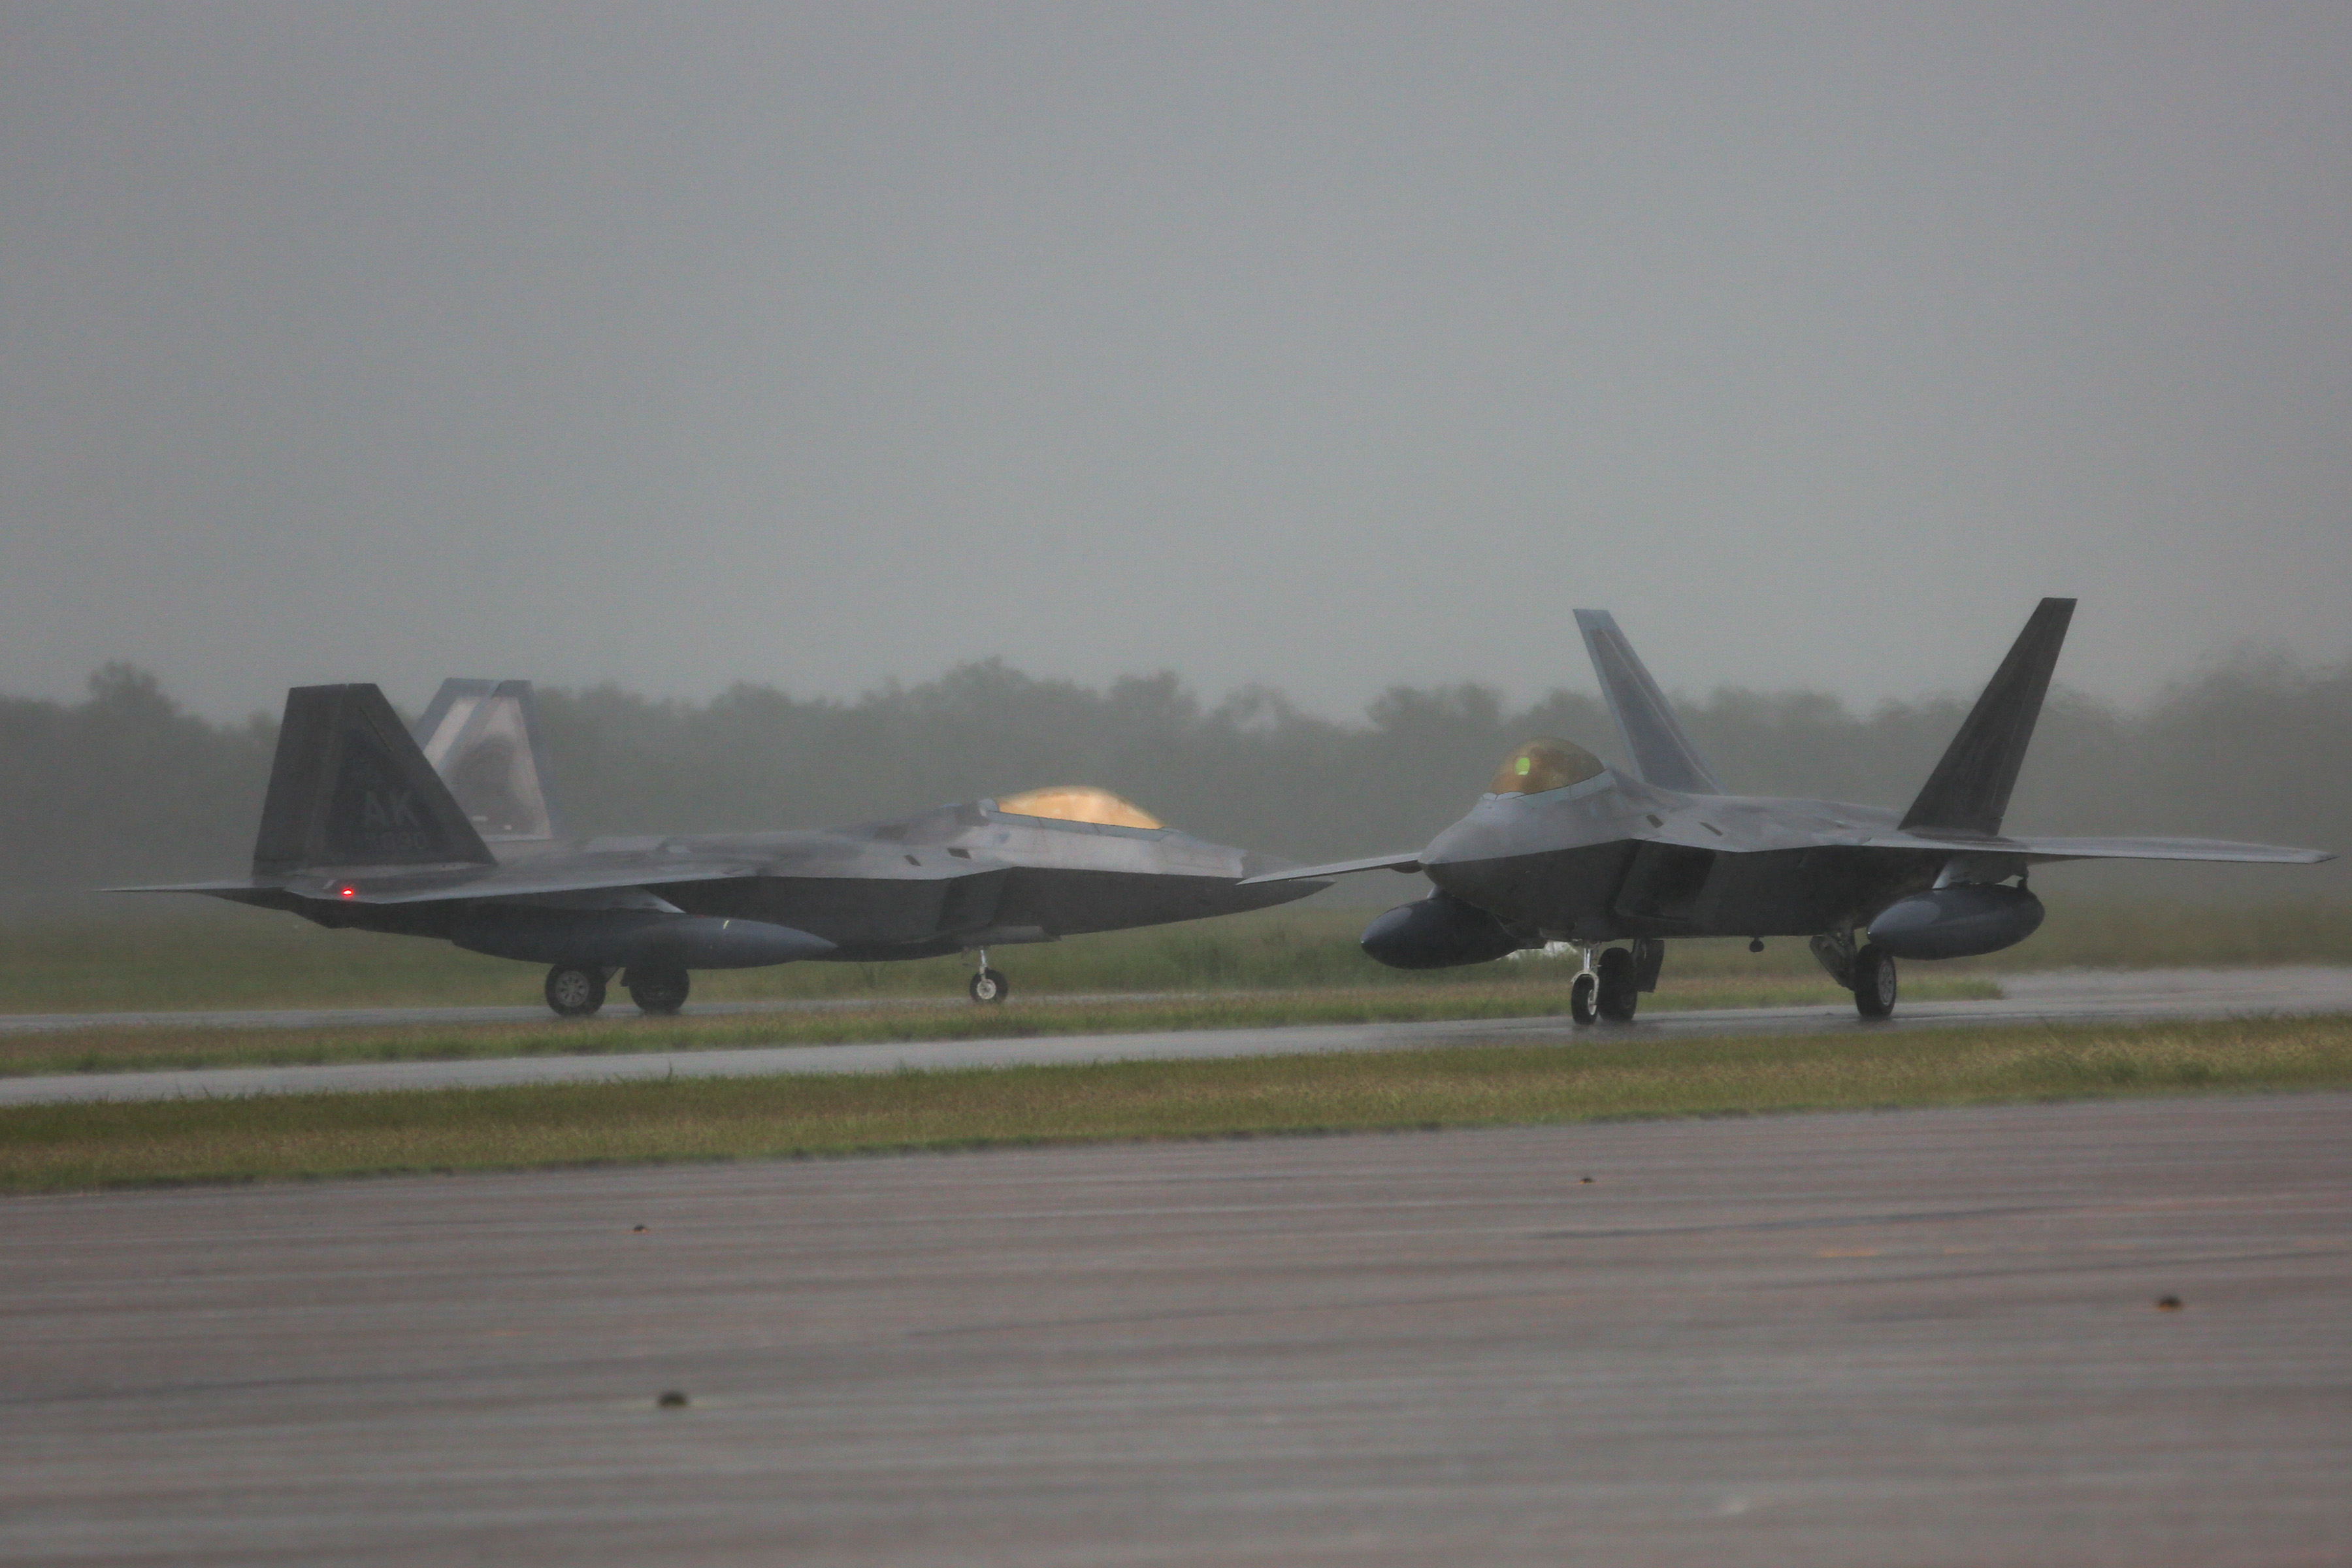 美军F22战机进驻澳大利亚 美媒直言是剑指中国